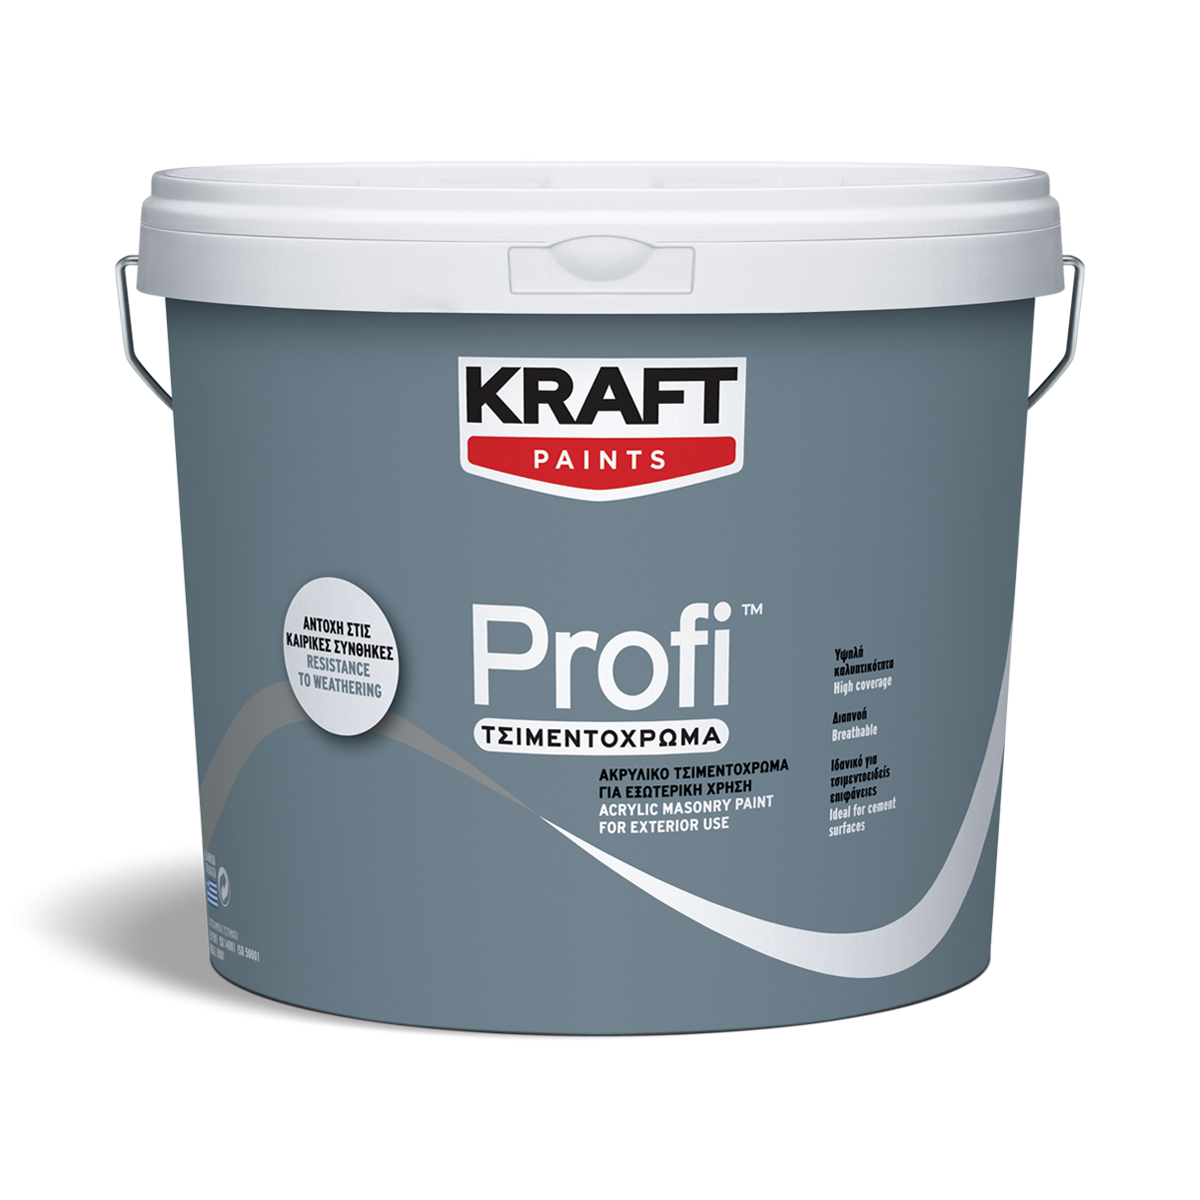 """Ακρυλικό Τσιμεντόχρωμα Profi- Kraft Paints """"Κεραμιδί"""" 3L"""